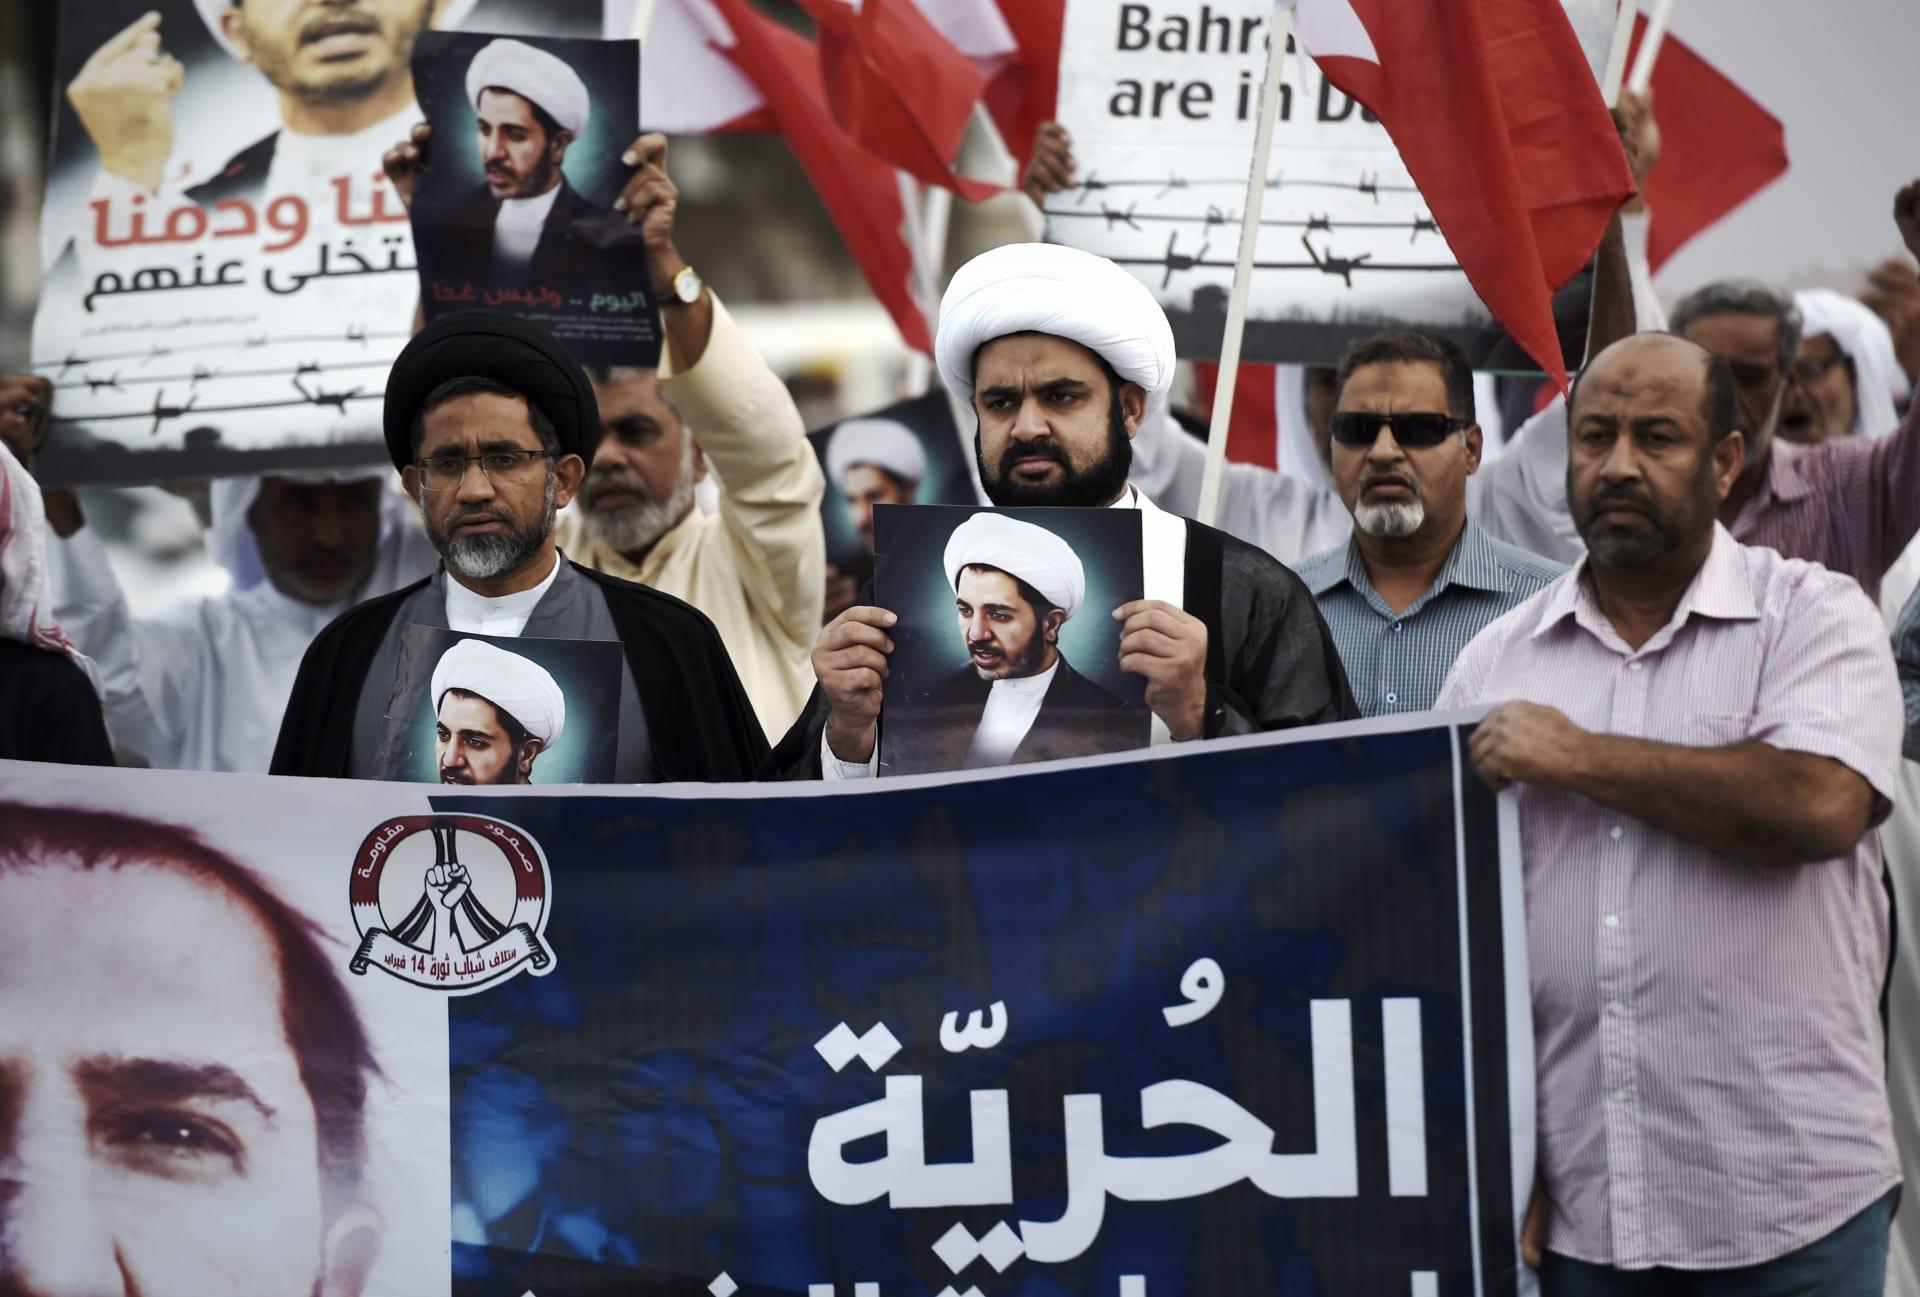 """علي السلمان للبحرينيين من سجنه: تمسكوا بهدف """"المملكة الدستورية"""" وسلمية الوسائل"""